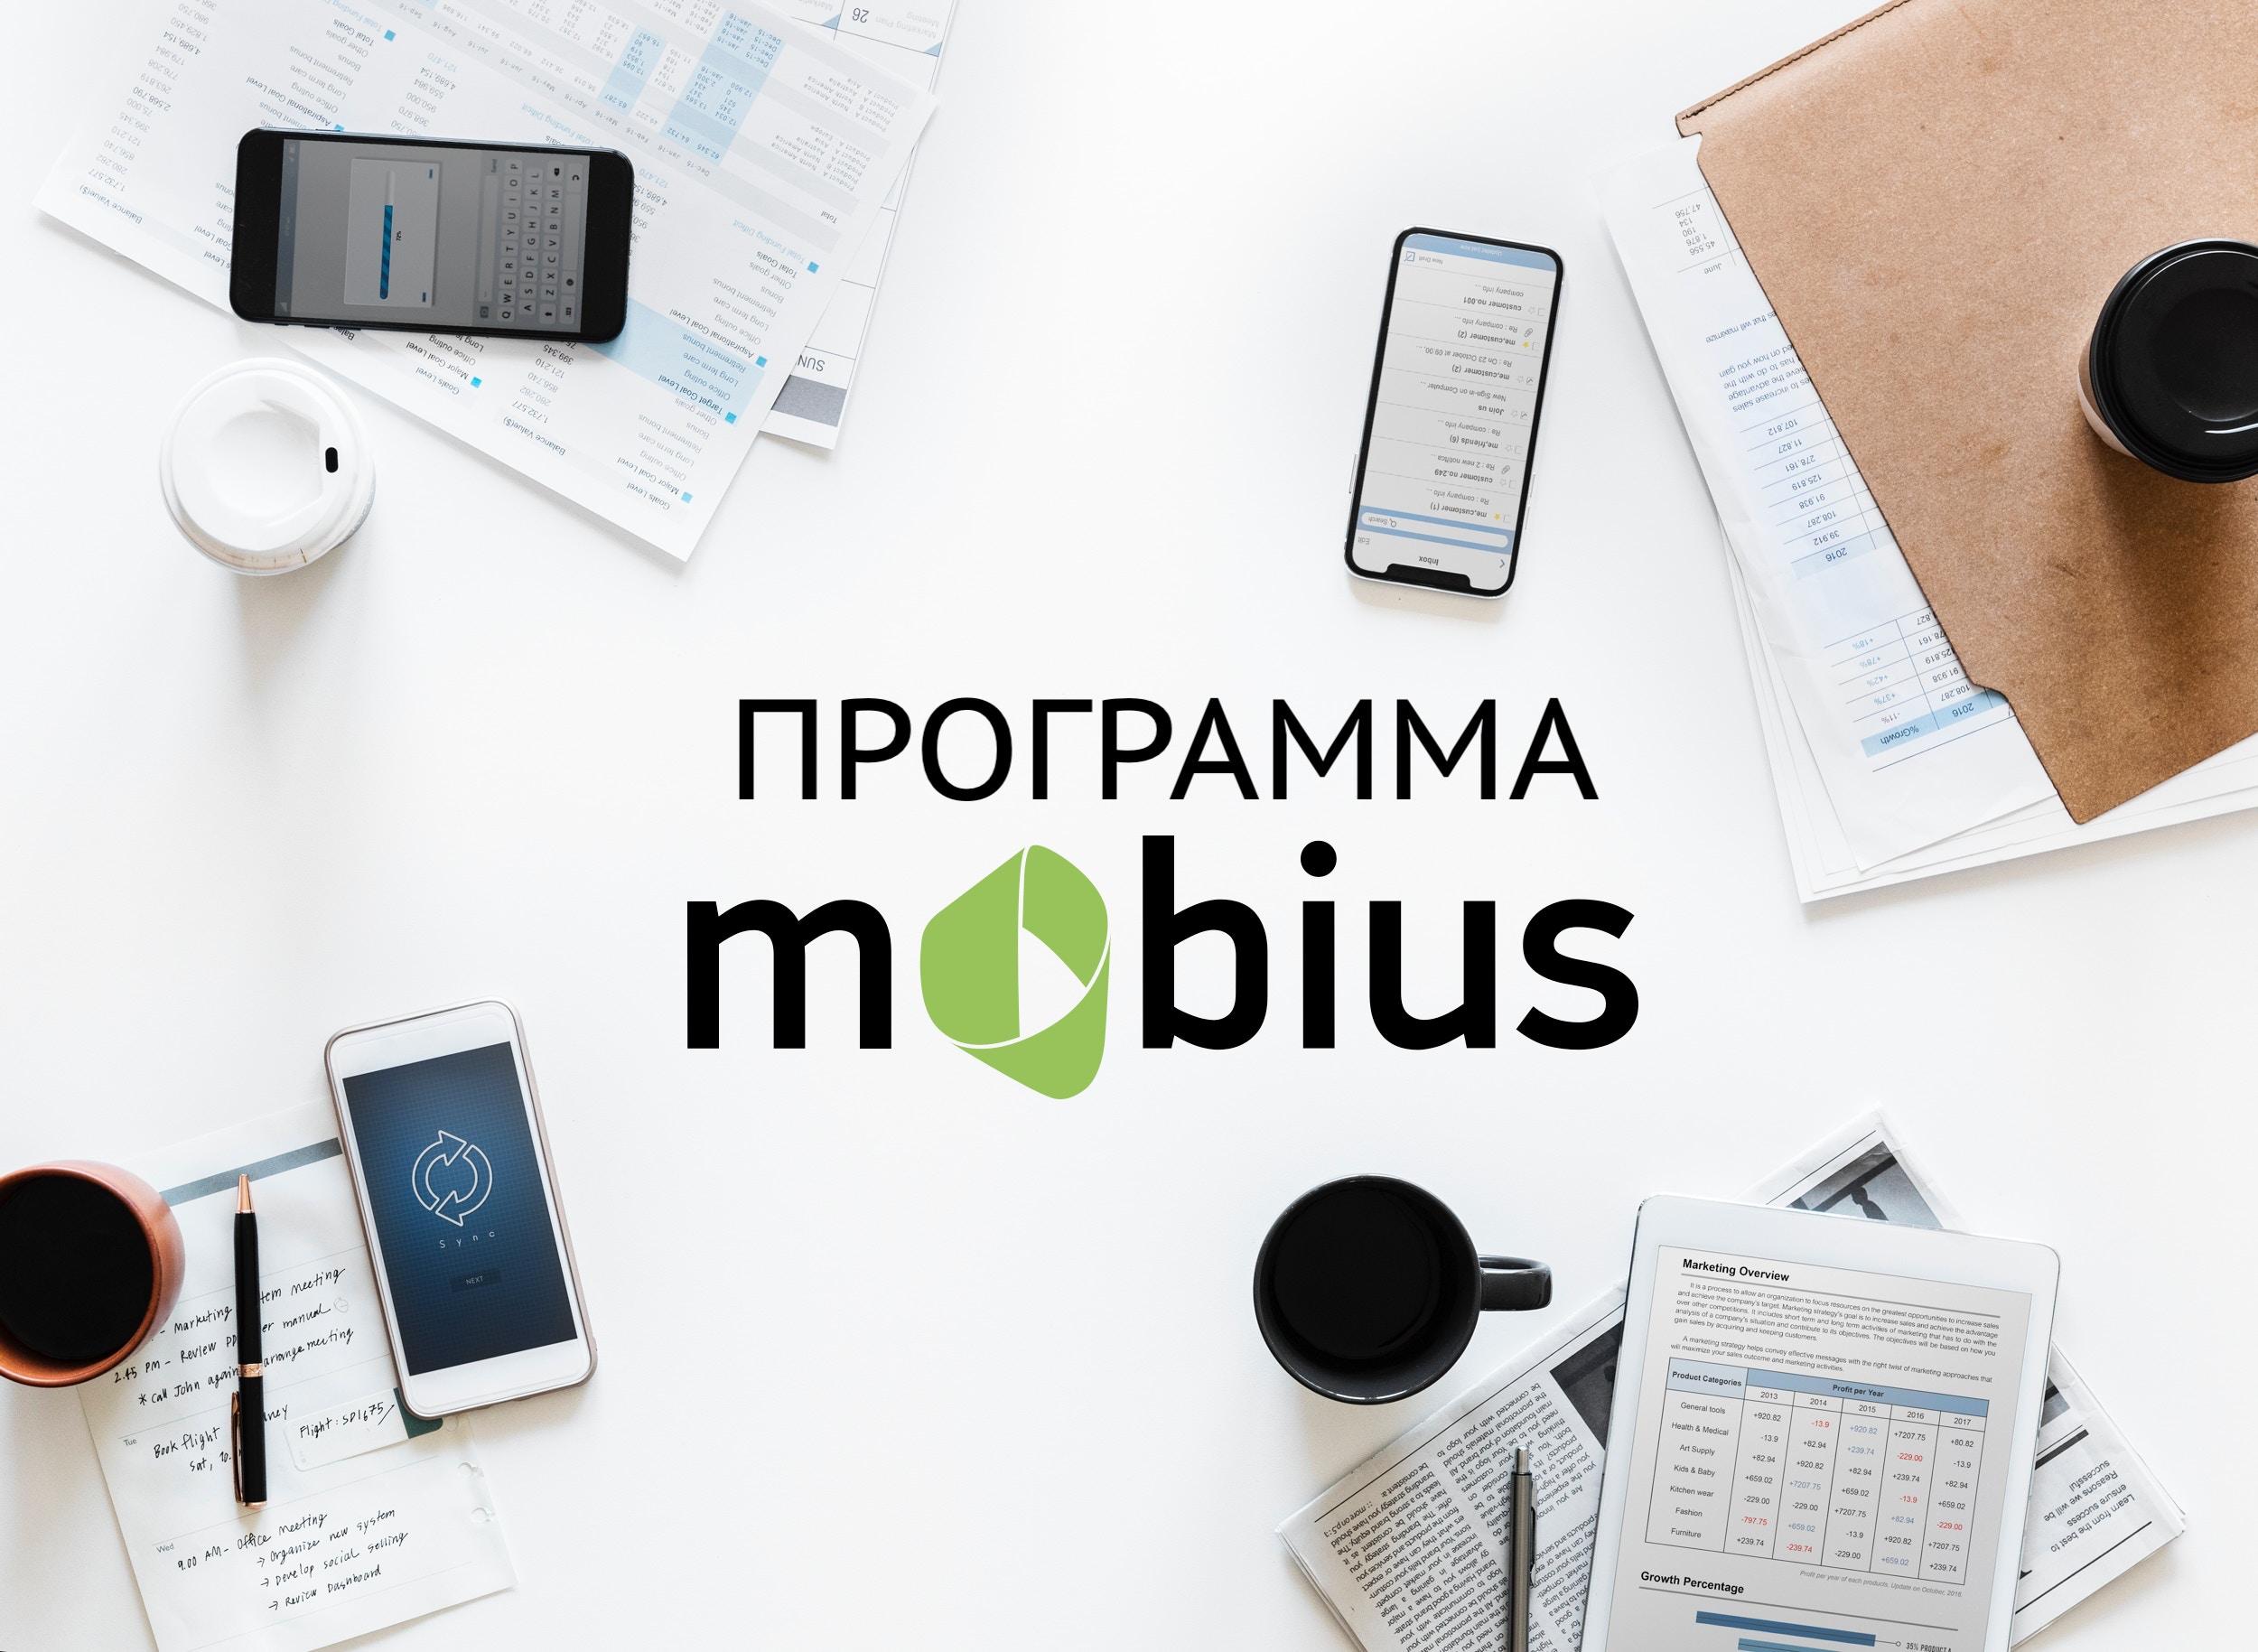 От корутин до ARKit: всё, о чём можно будет узнать на Mobius 2018 Piter